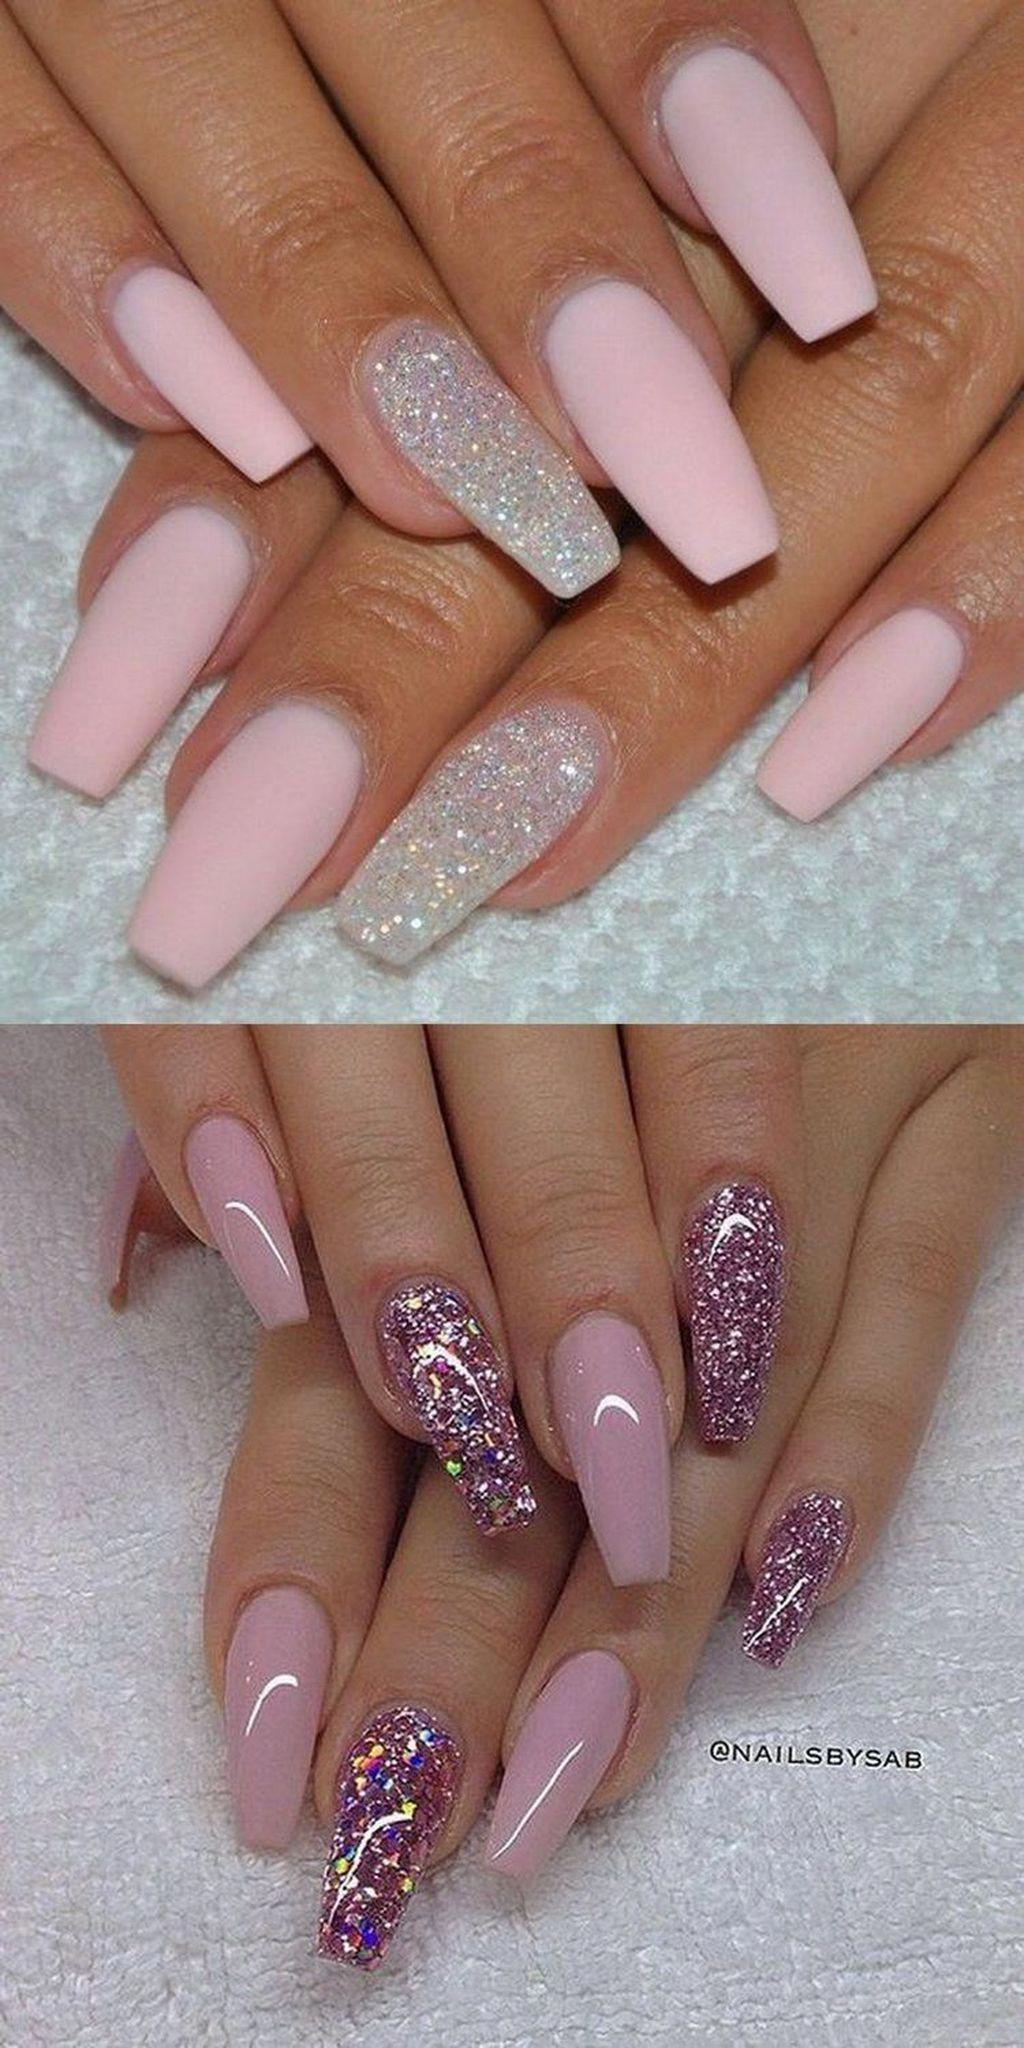 Acrylicnails Pink Nail Art 2016 Nails Trends Nails